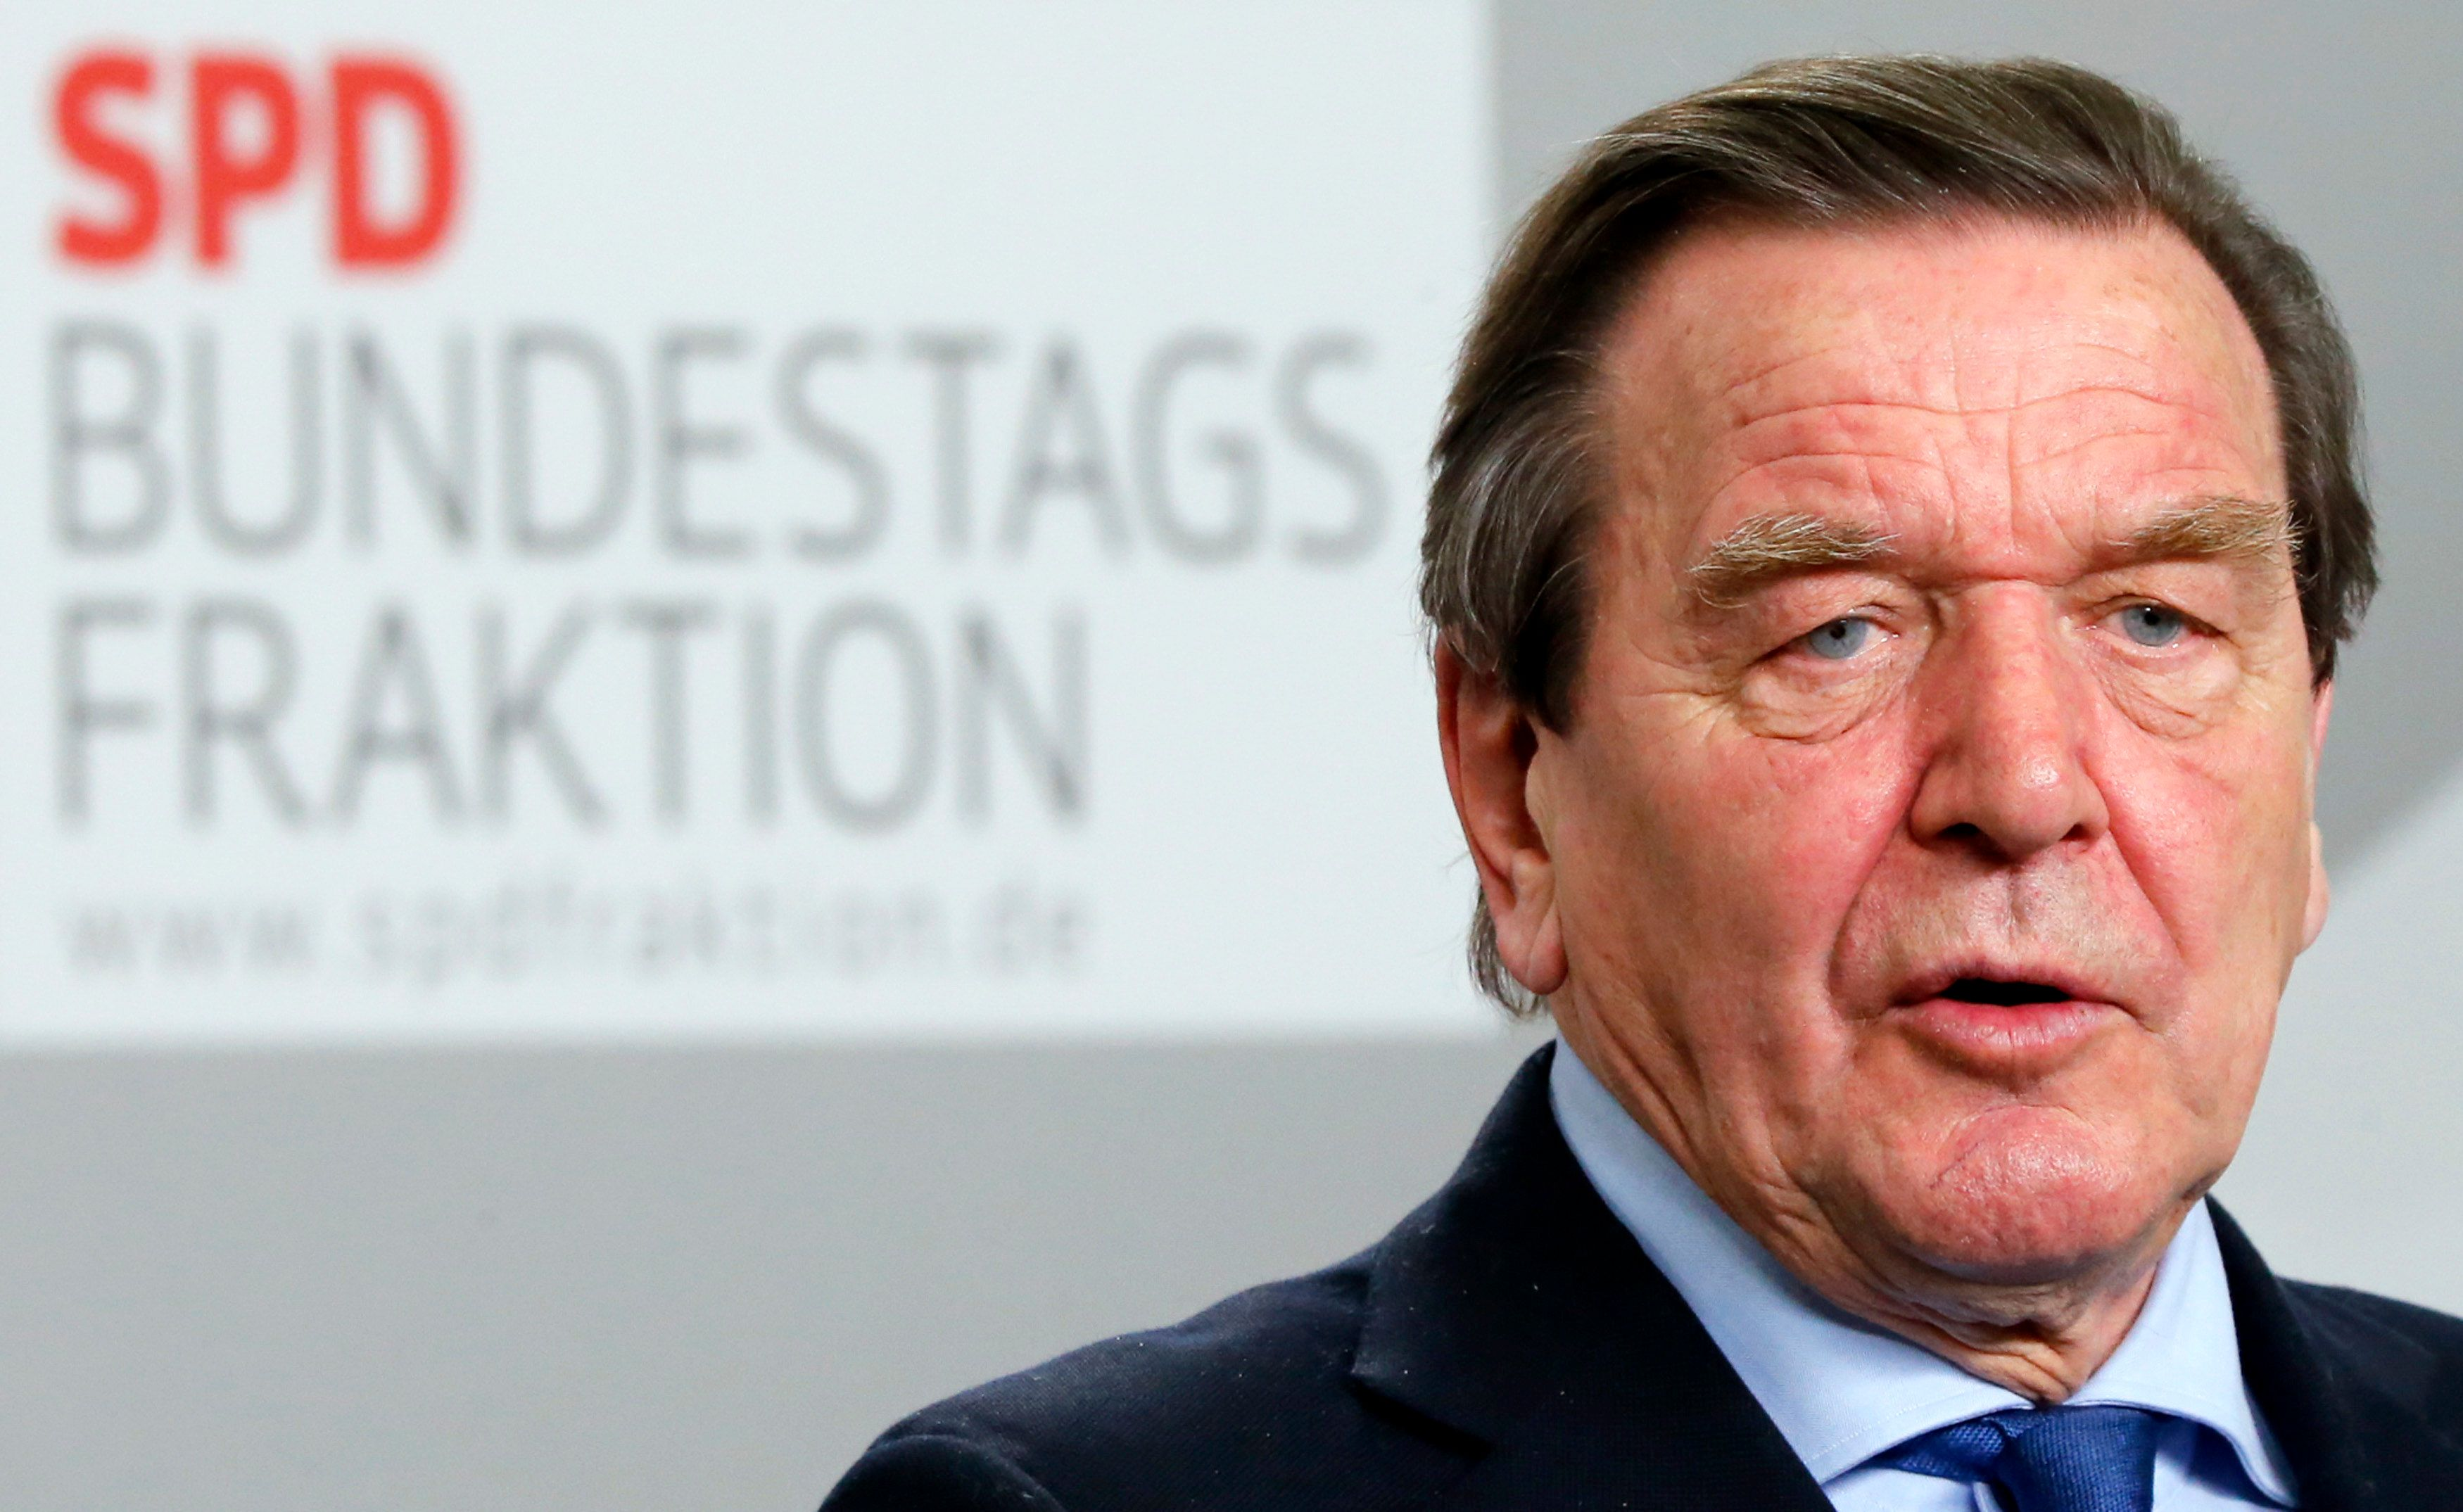 Ukraine : Gerhard Schröder, fidèle à Poutine, estime que l'UE est responsable de la crise